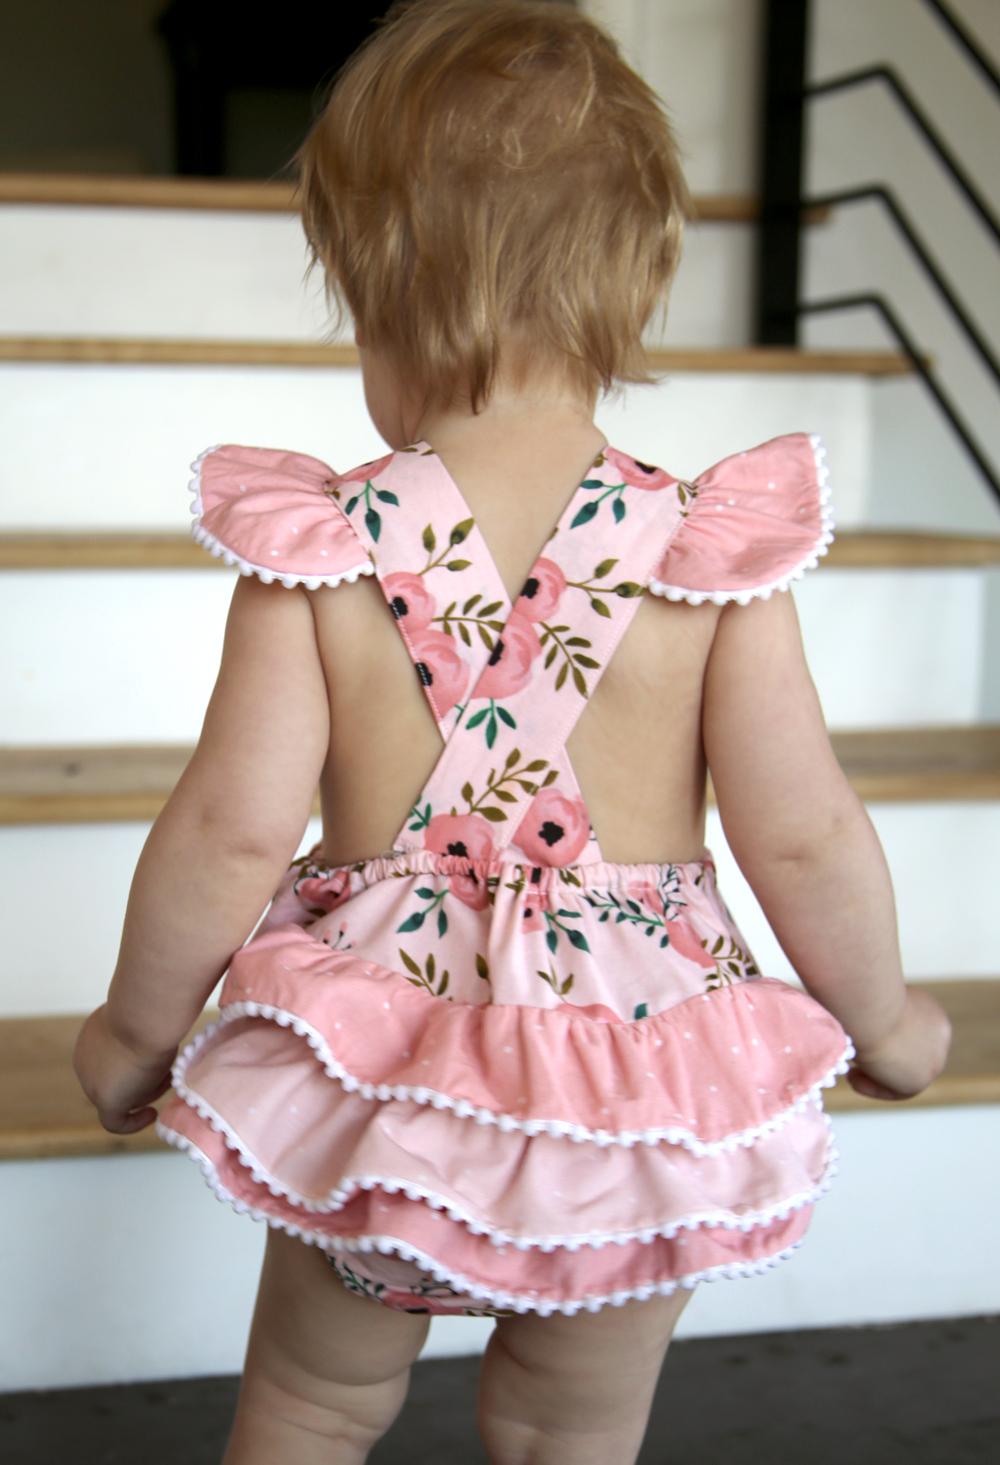 Handmade Pink Romper for Toddler Girl.jpg